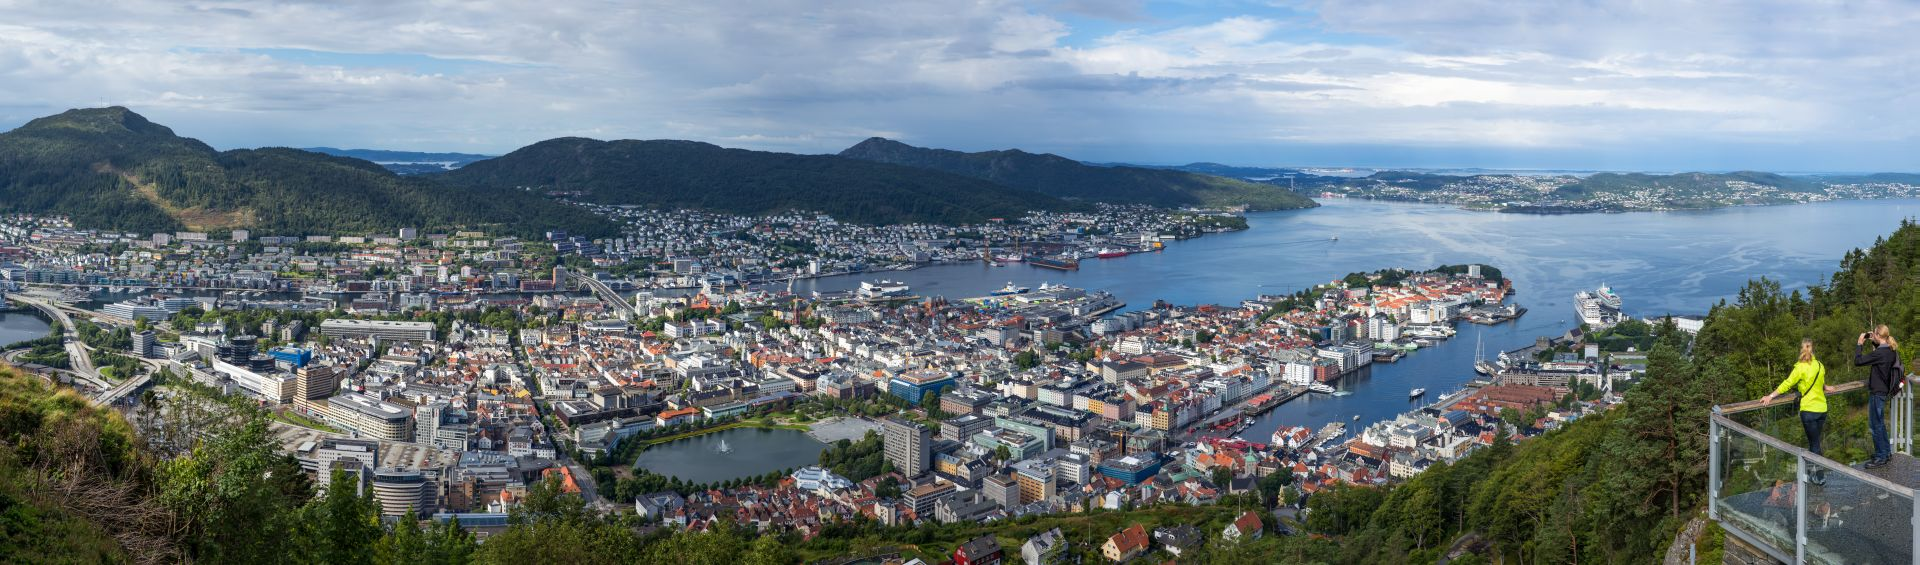 Bergen Floi Pano 2